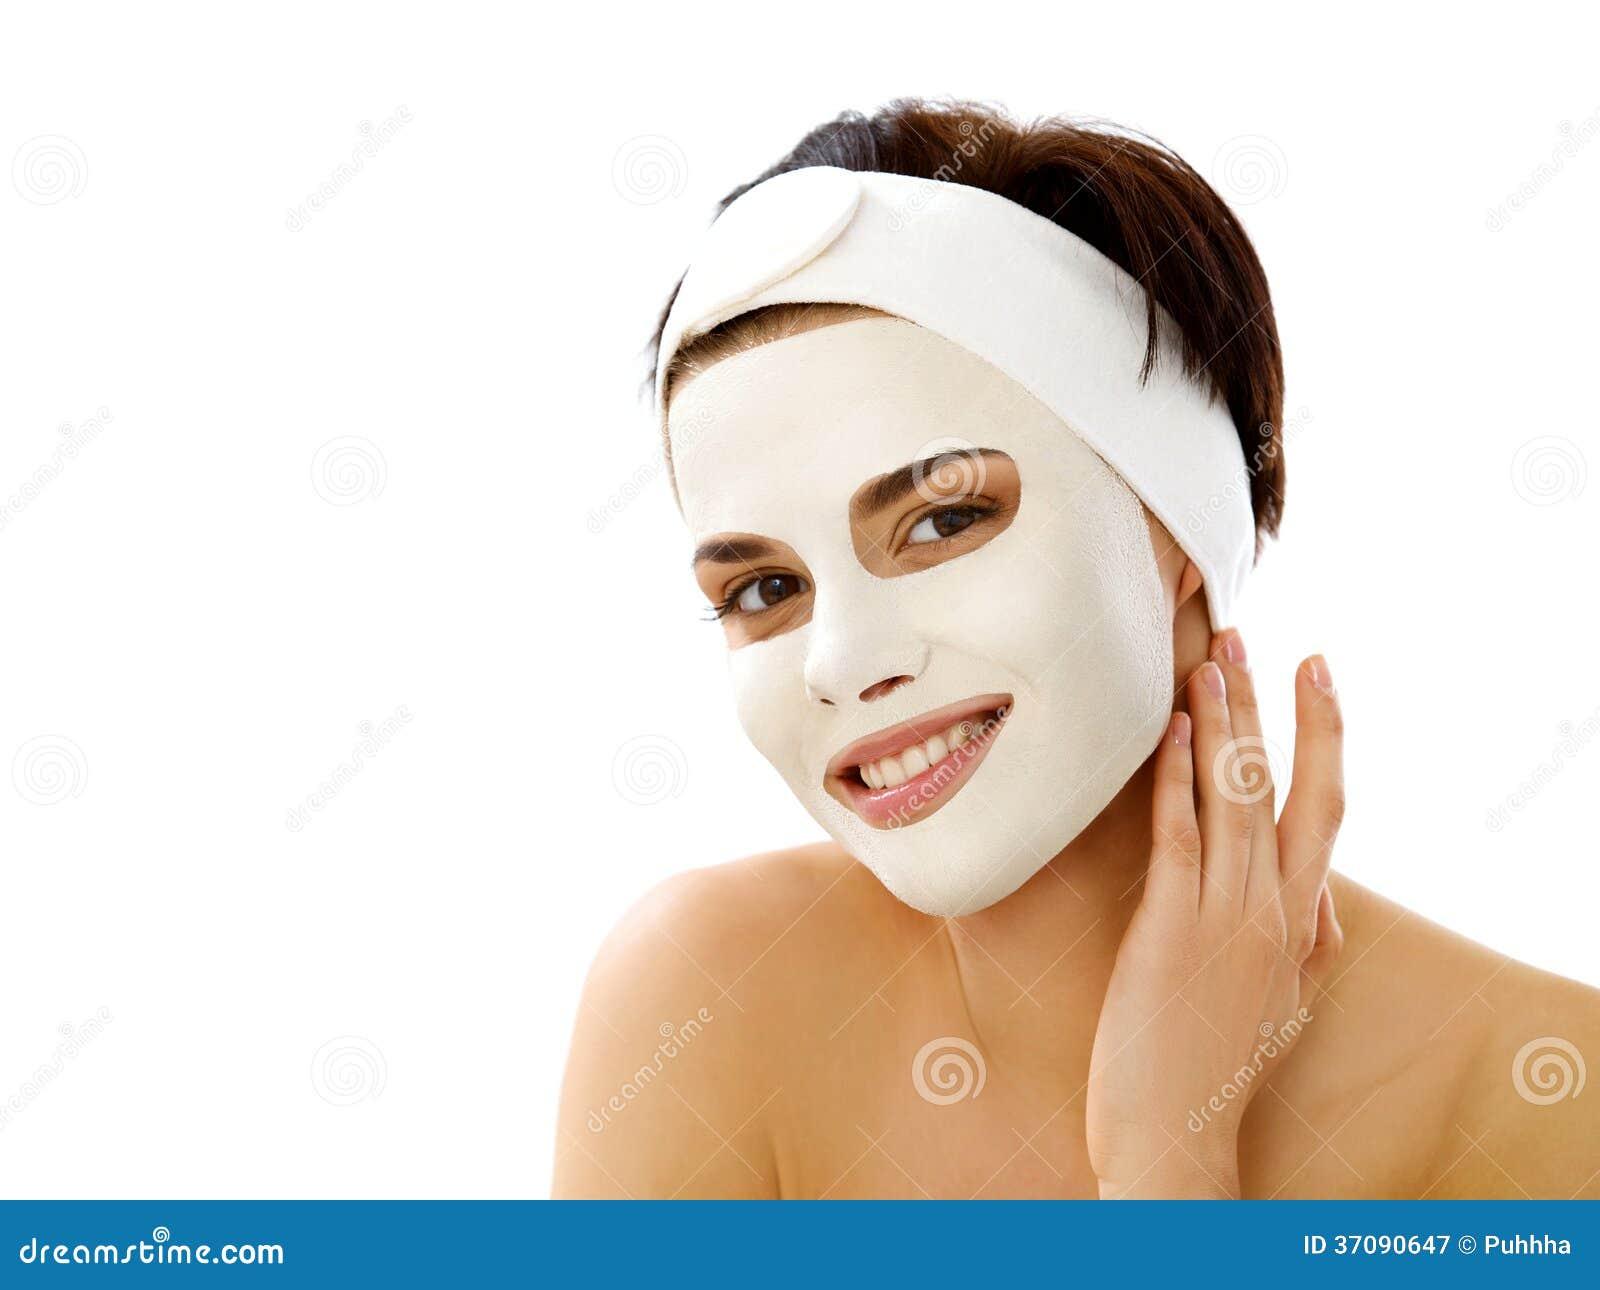 Download Piękna Kobieta Dostaje Zdroju Traktowanie. Kosmetyk Maska Na Twarzy. Obraz Stock - Obraz złożonej z glina, potomstwa: 37090647